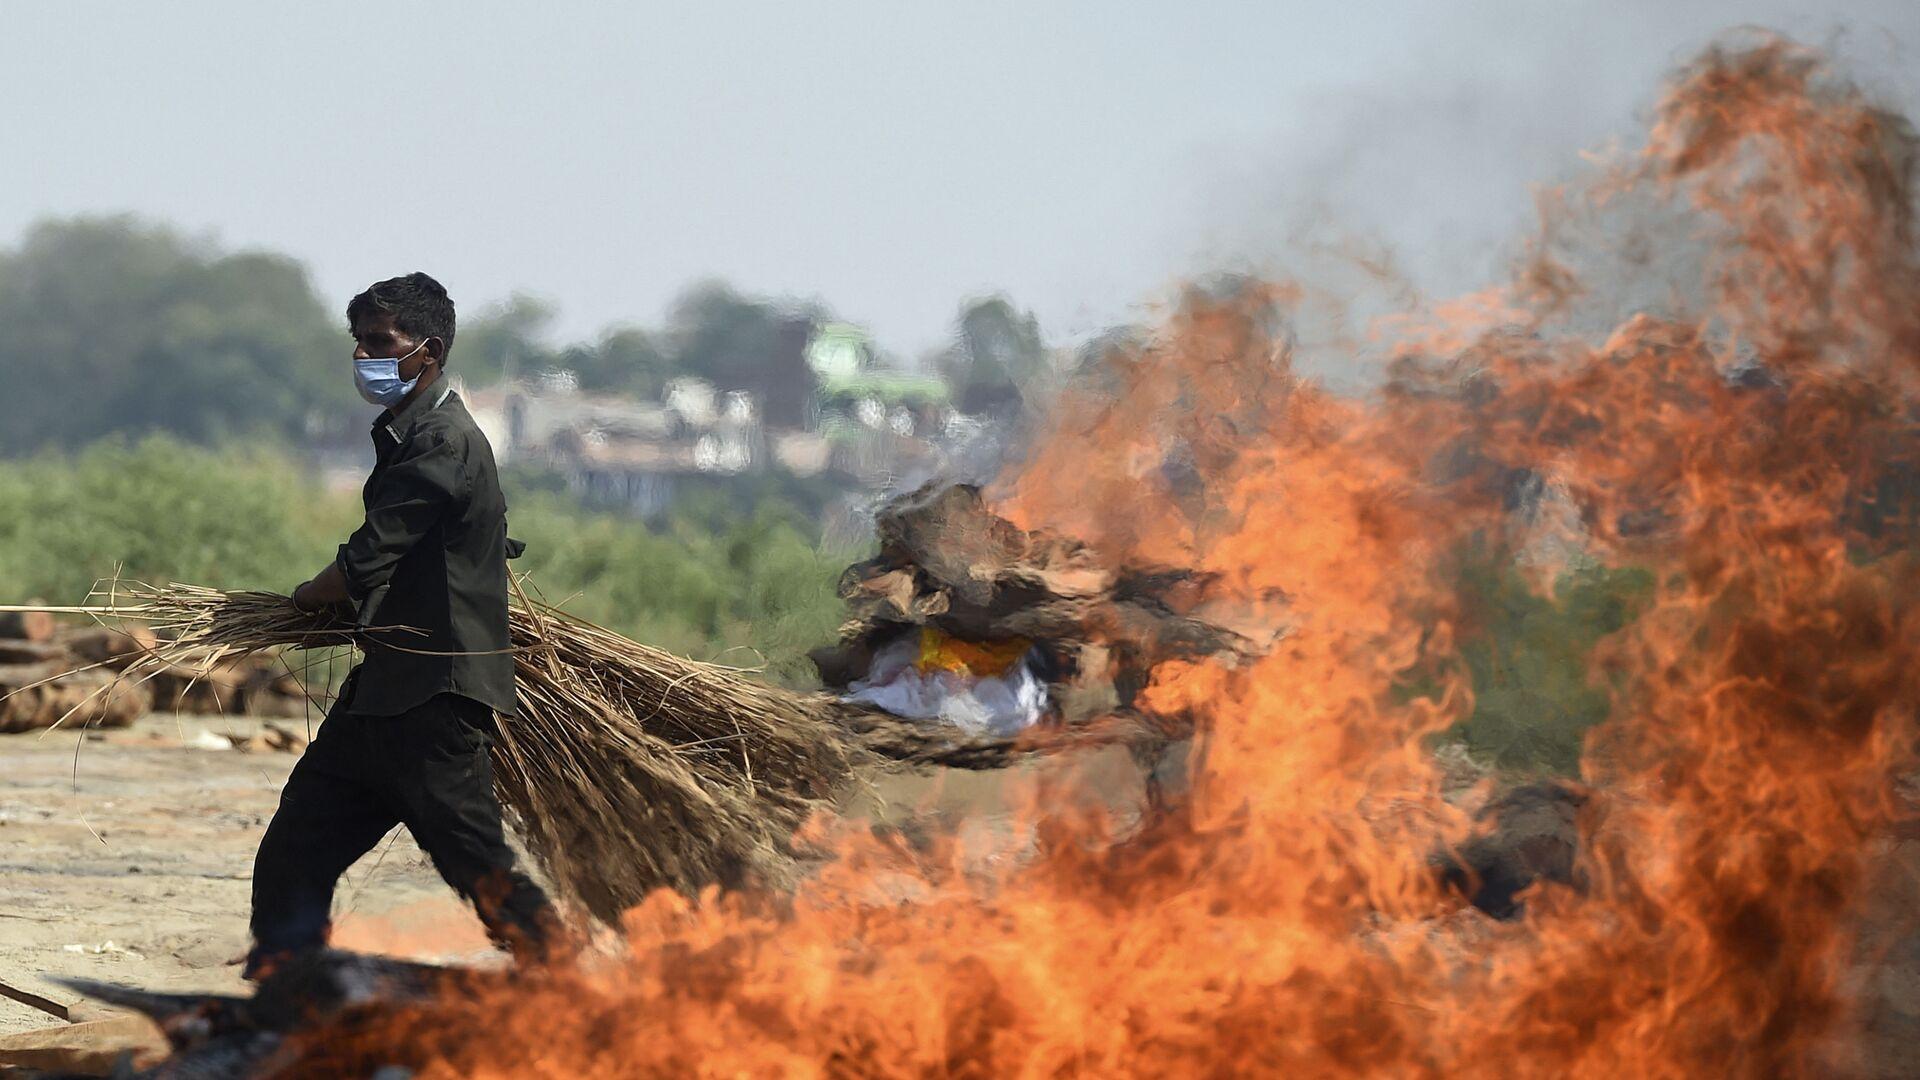 Рабочий проходит мимо горящего погребального костра человека, умершего из-за коронавируса Covid-19, Индия  - Sputnik Italia, 1920, 24.06.2021